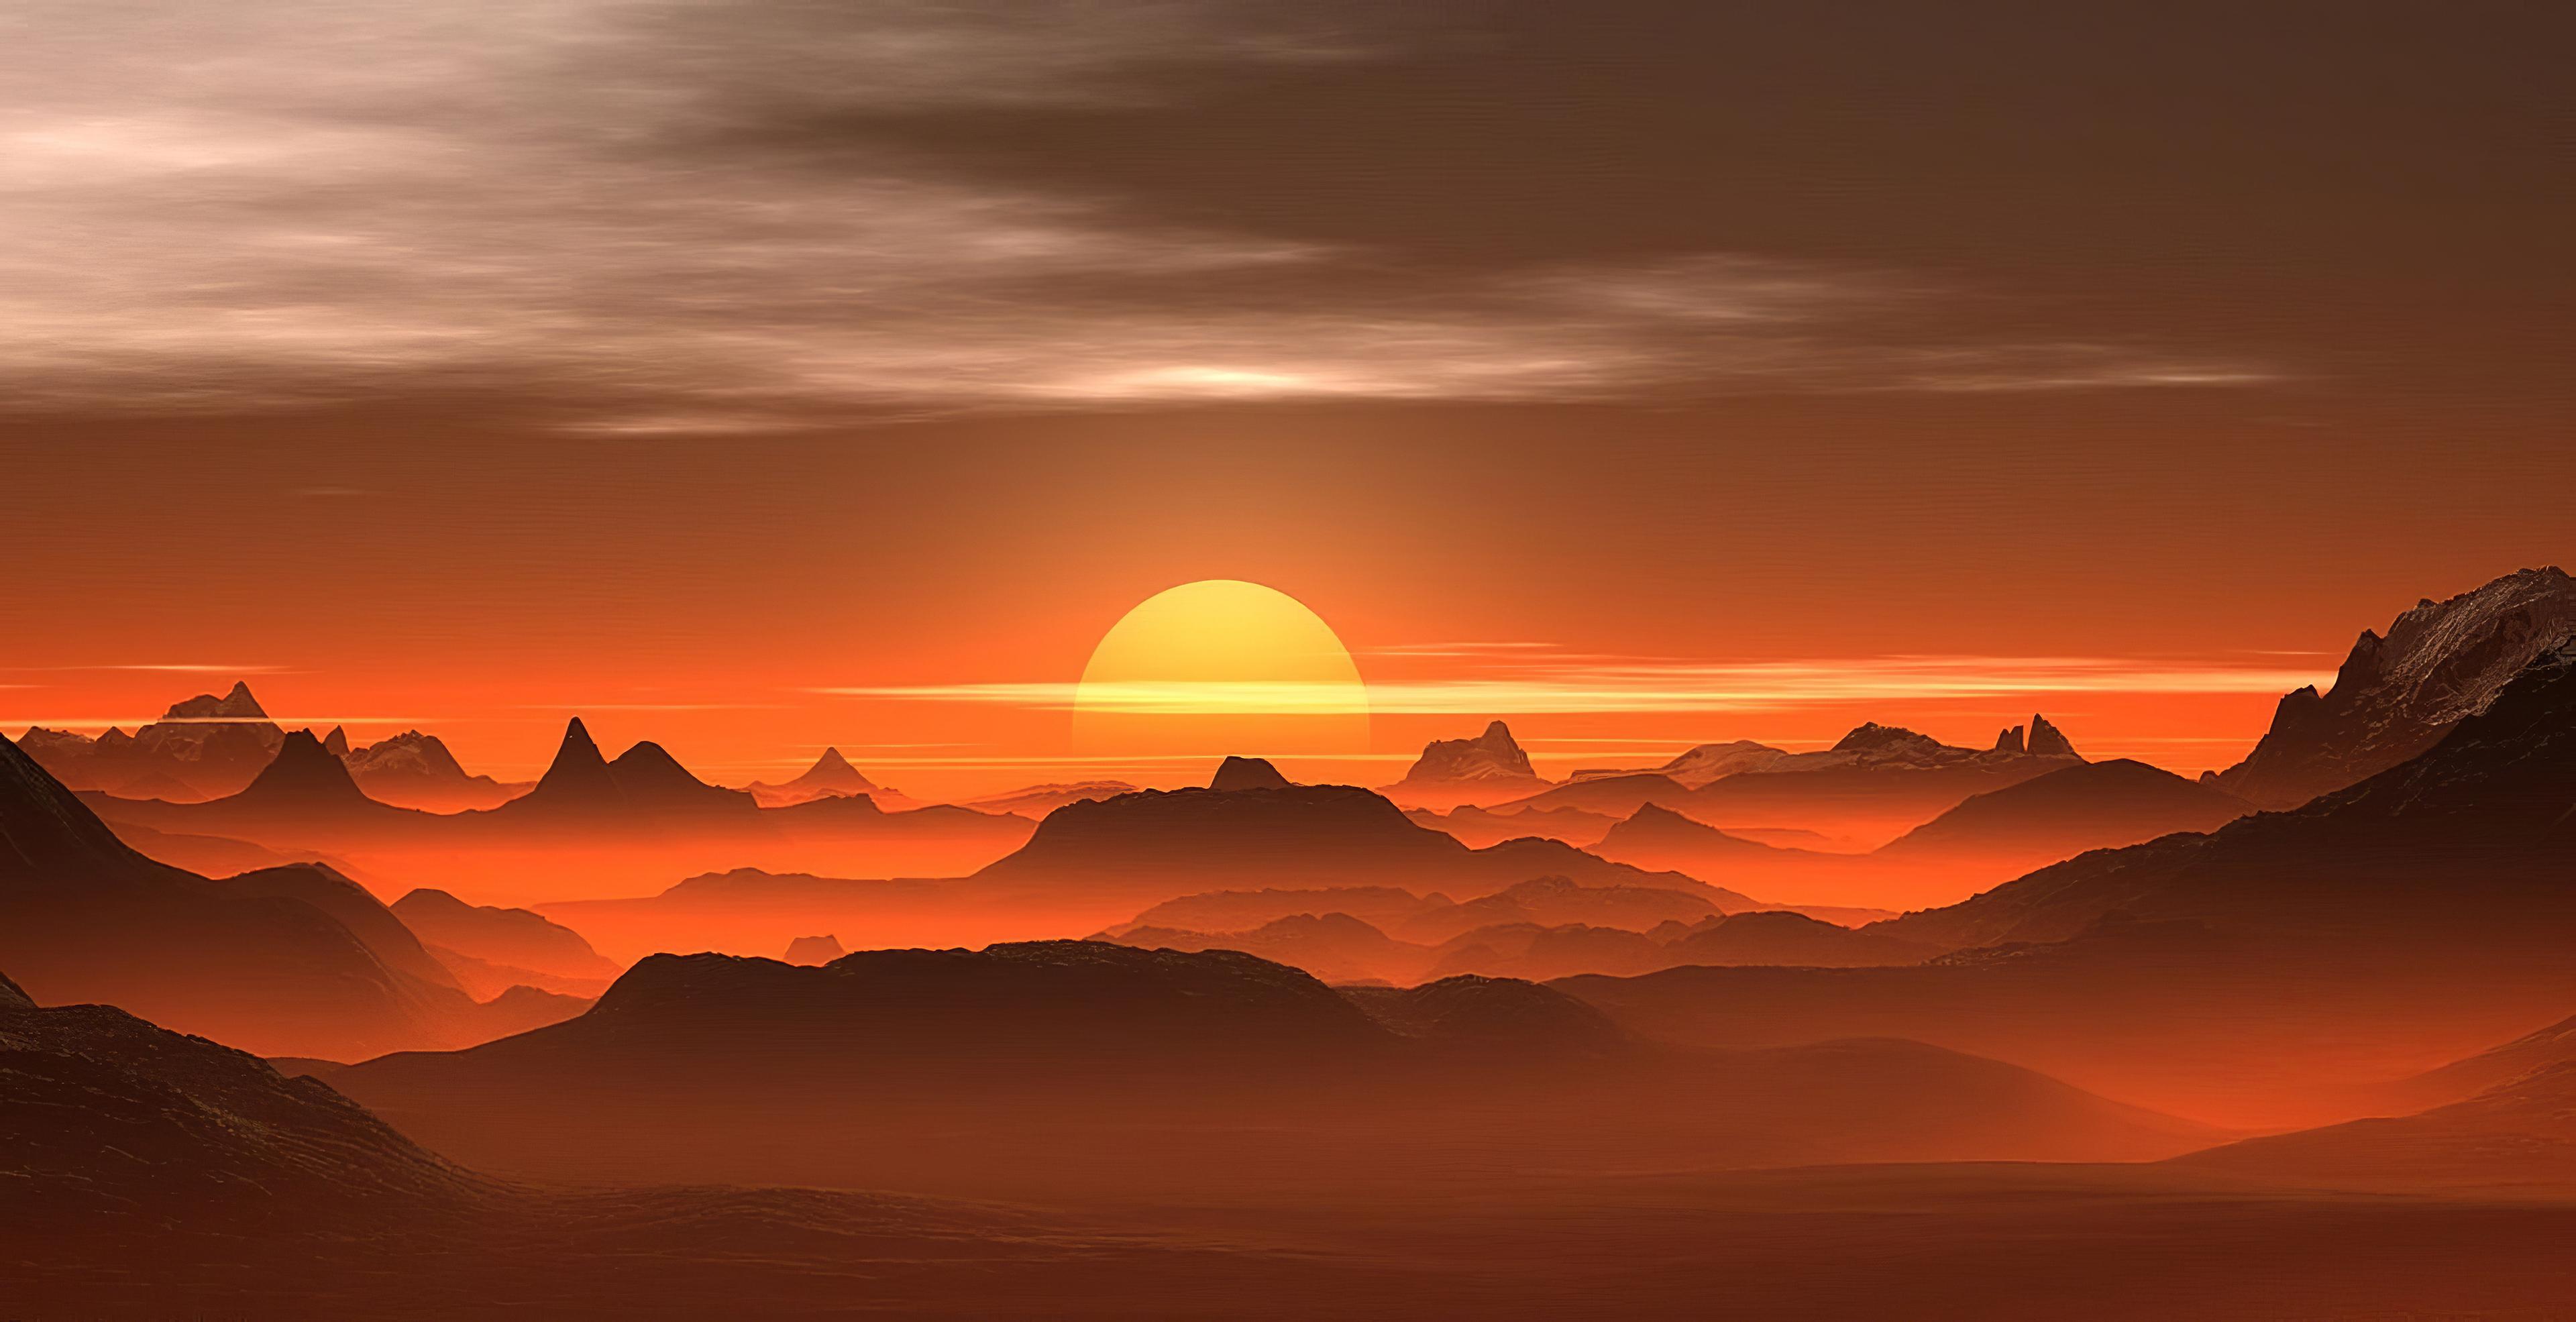 sunset mist desert 1578255470 - Sunset Mist Desert -